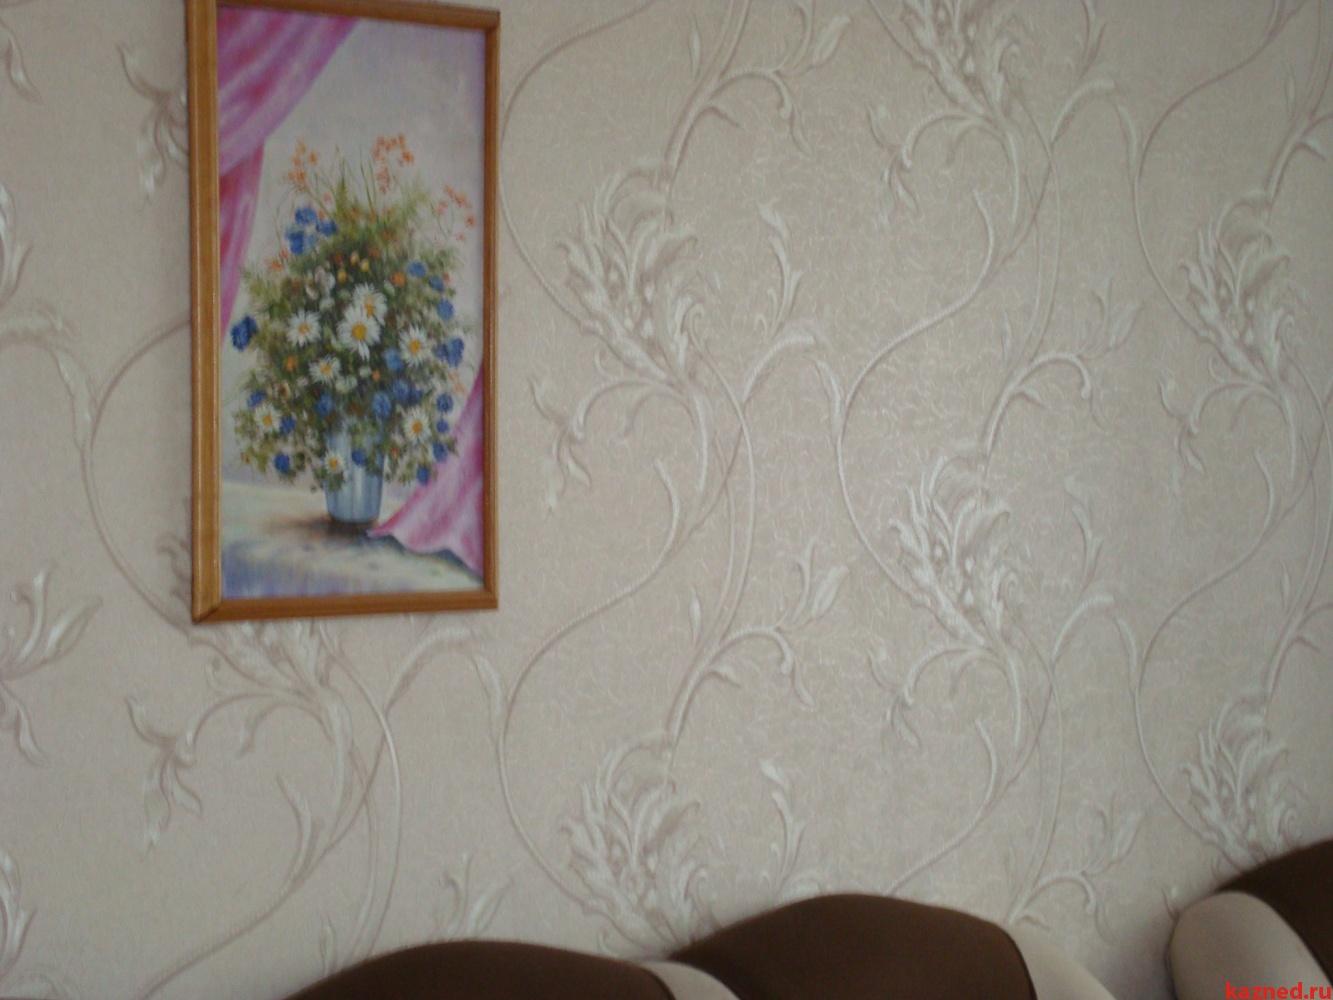 Продажа 2-к квартиры проспект Победы д.62, 55 м²  (миниатюра №2)